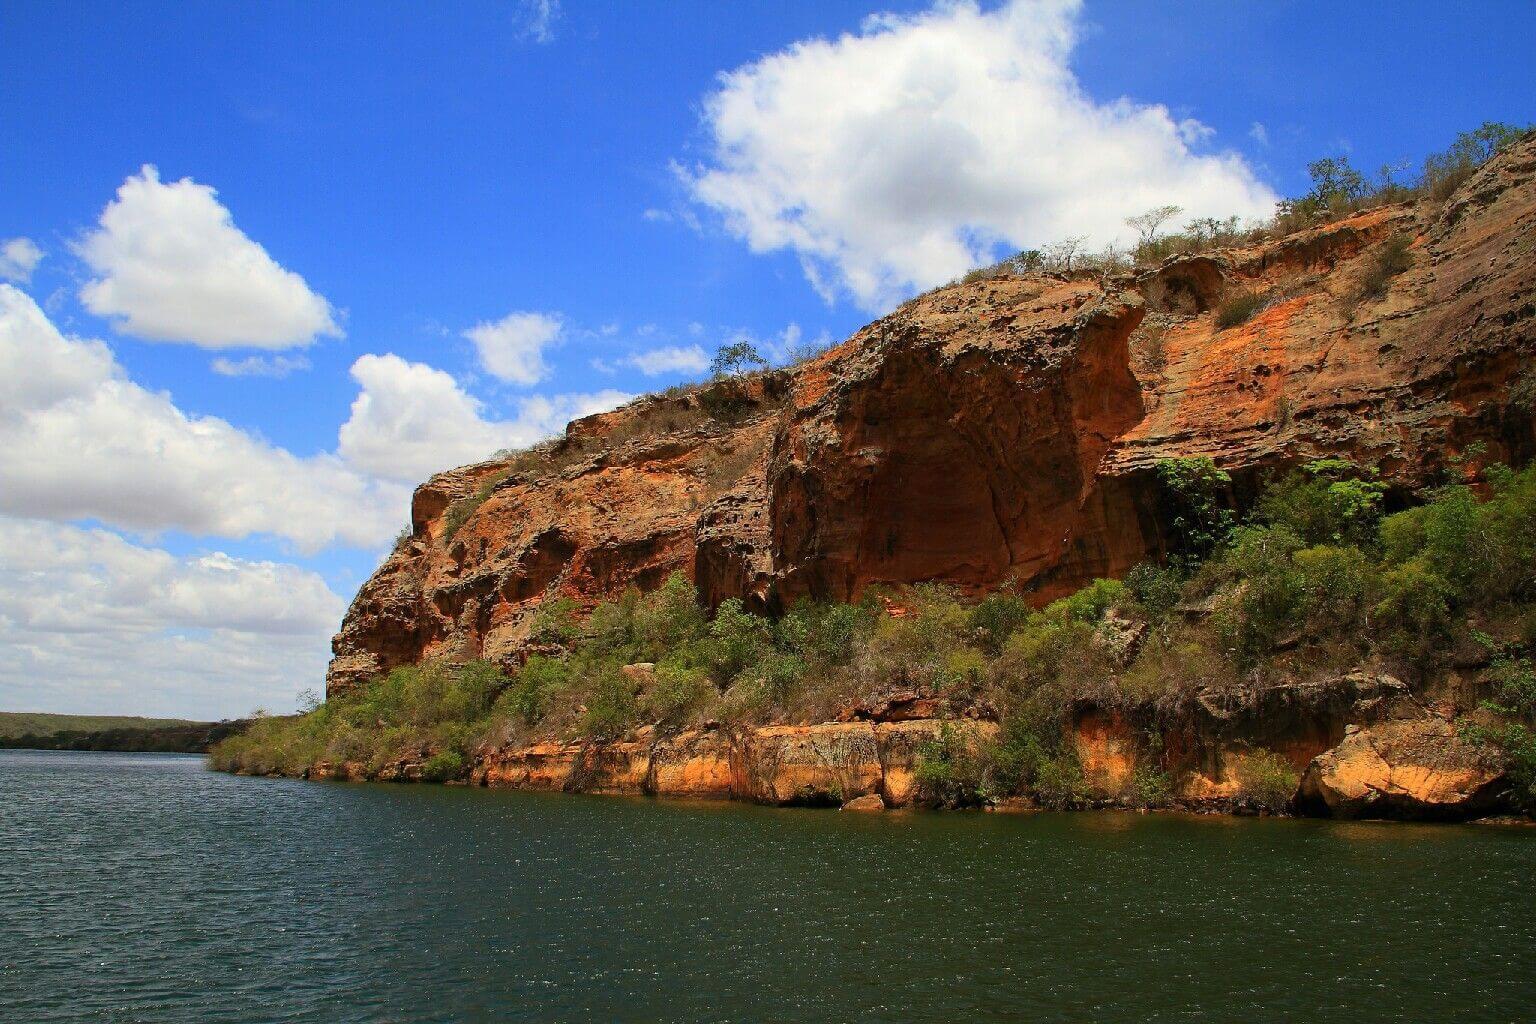 Rochas de granito avermelhado e cinza dos Cânions do Rio São Francisco em Maceió